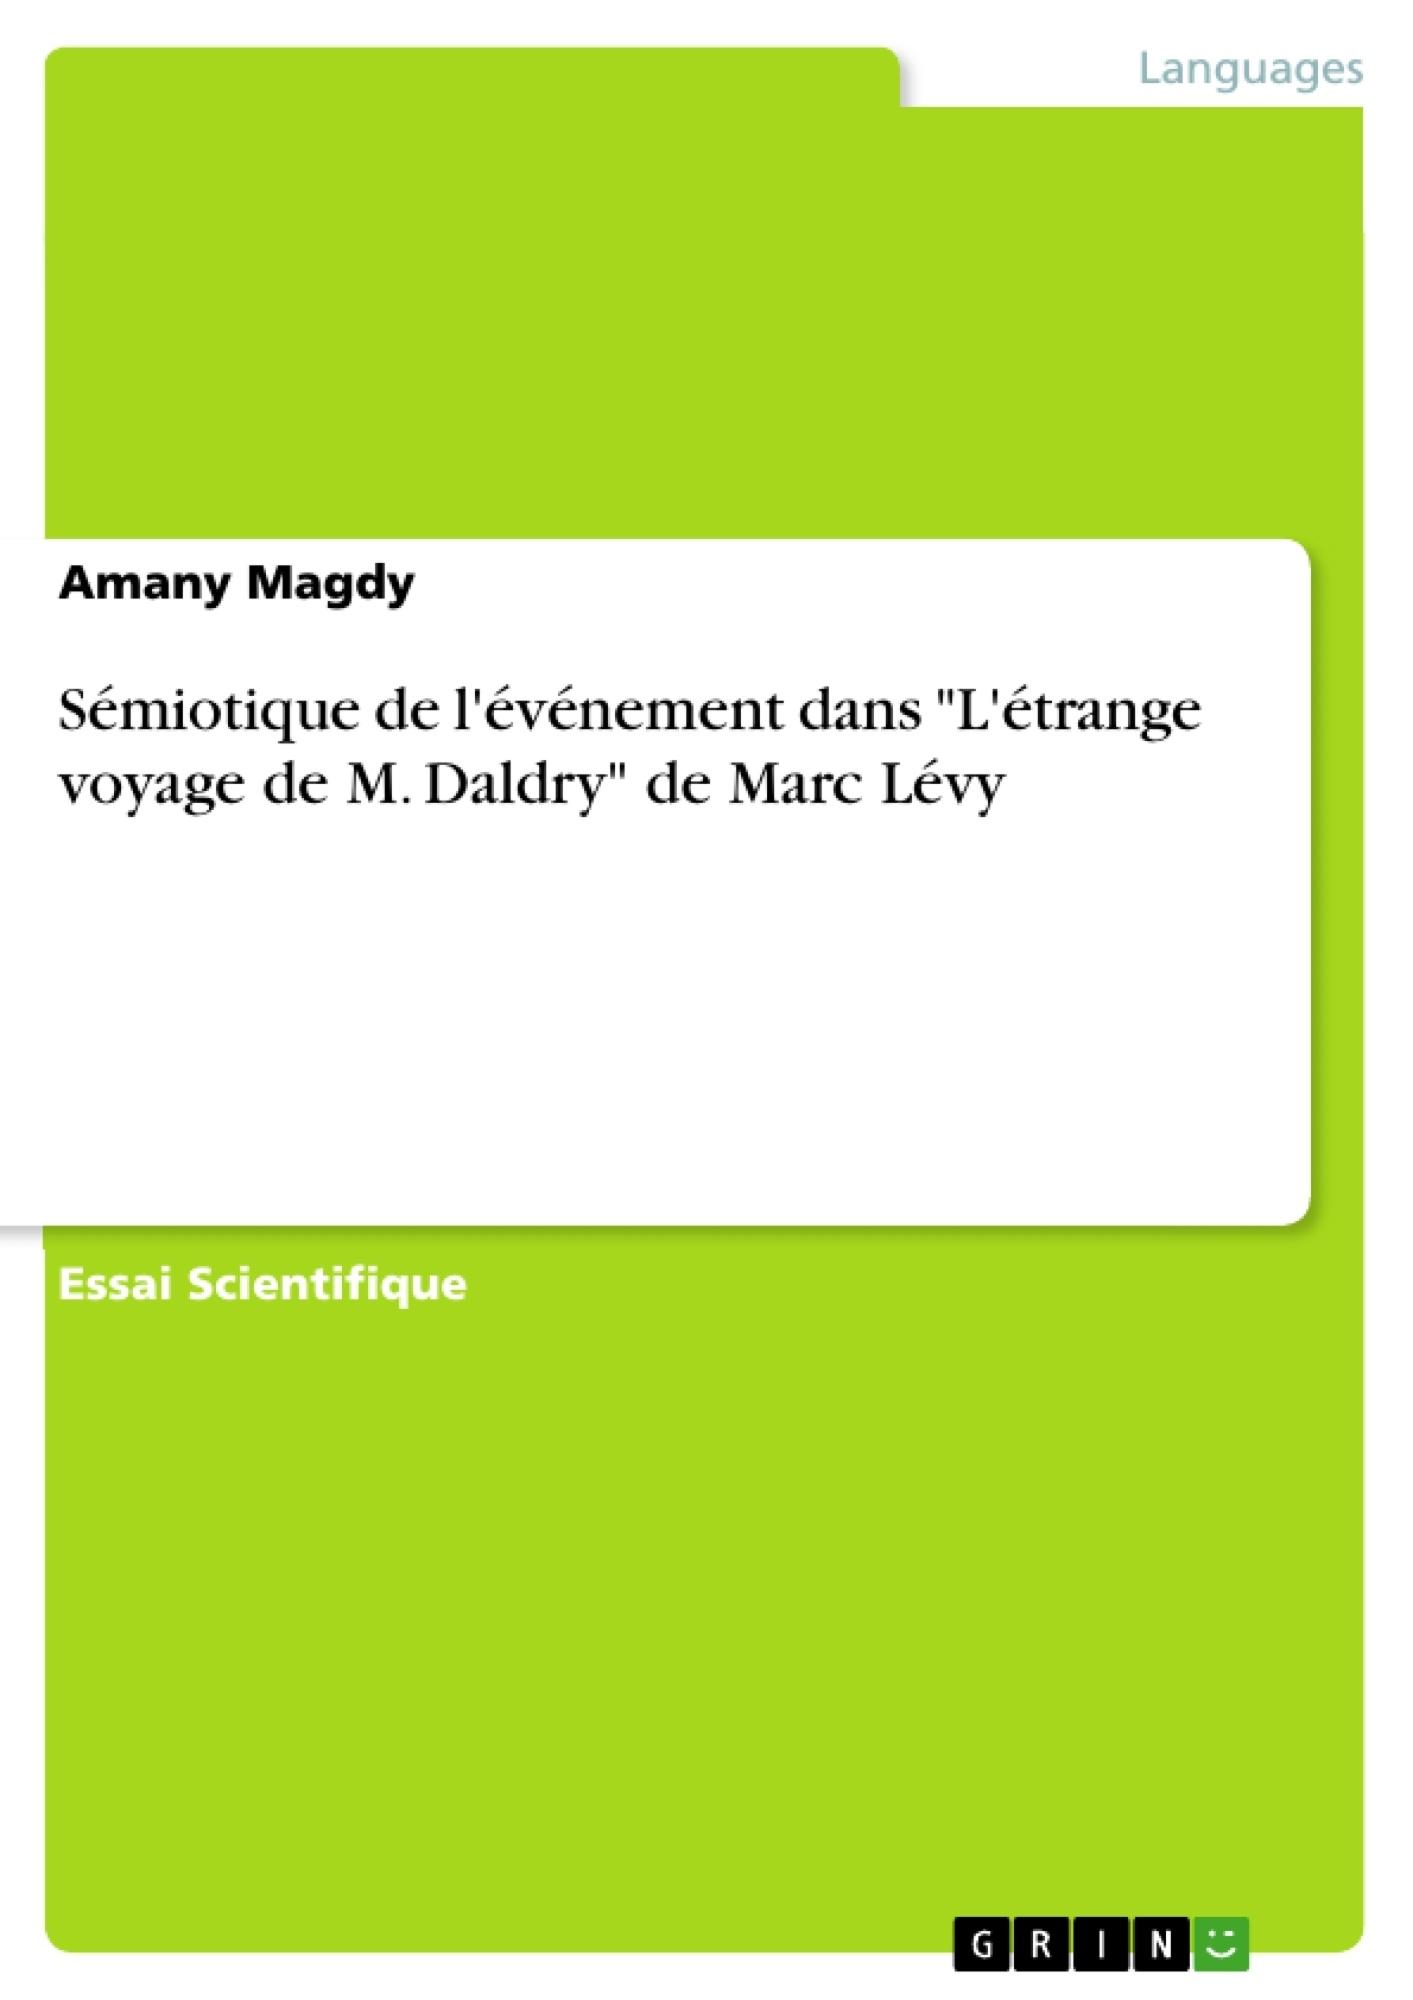 """Titre: Sémiotique de l'événement dans """"L'étrange voyage de M. Daldry"""" de Marc Lévy"""